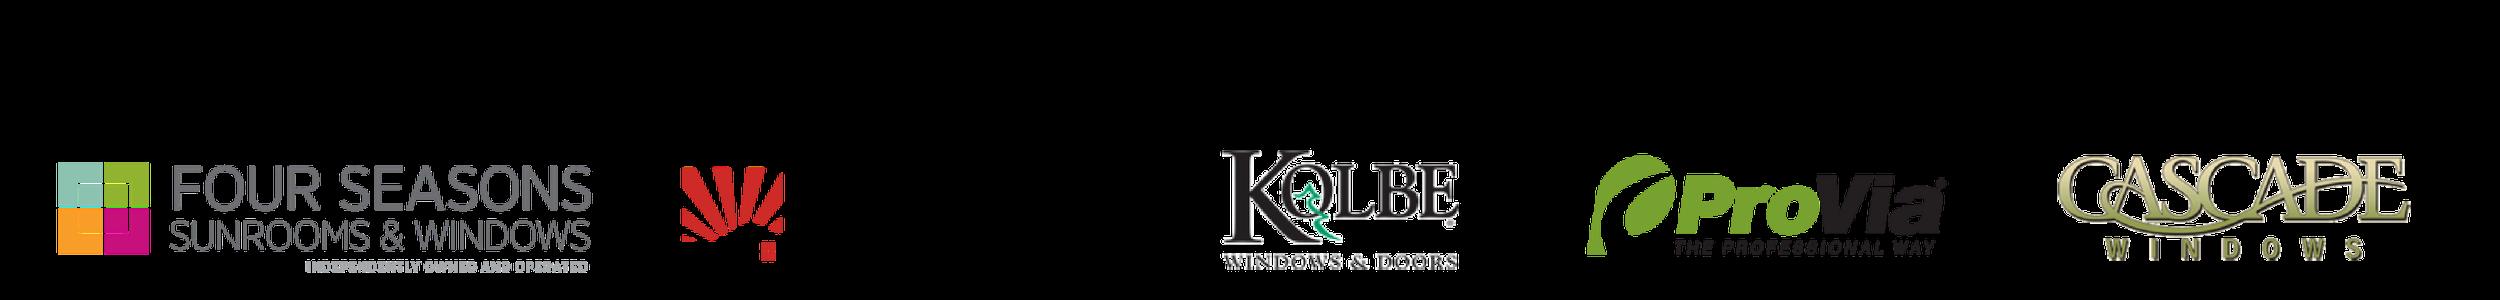 Logo Bar for Website 2.png